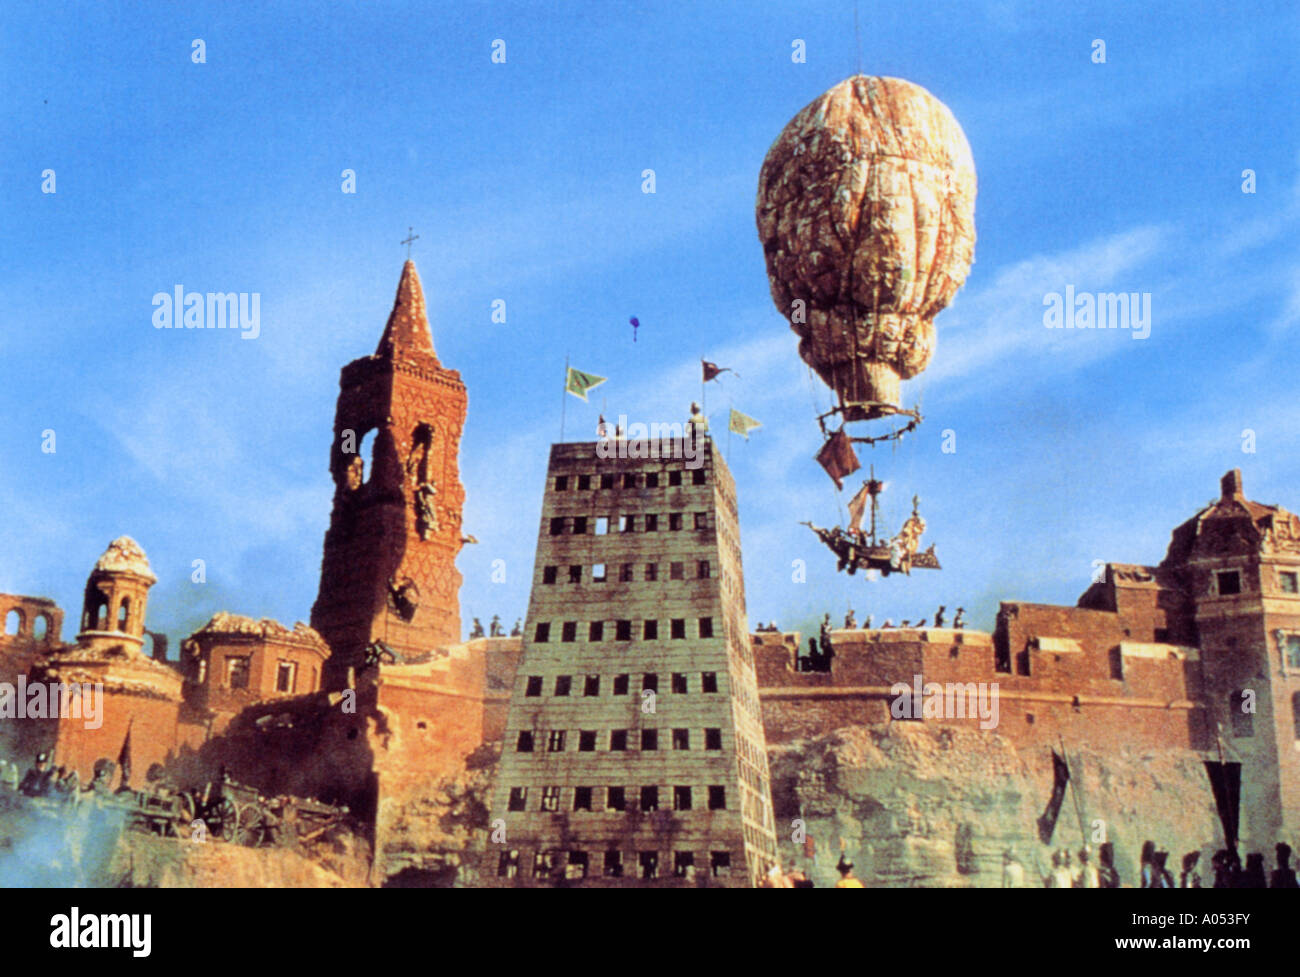 Aventures du Baron de Münchhausen 1989 Principales caractéristiques du film Photo Stock